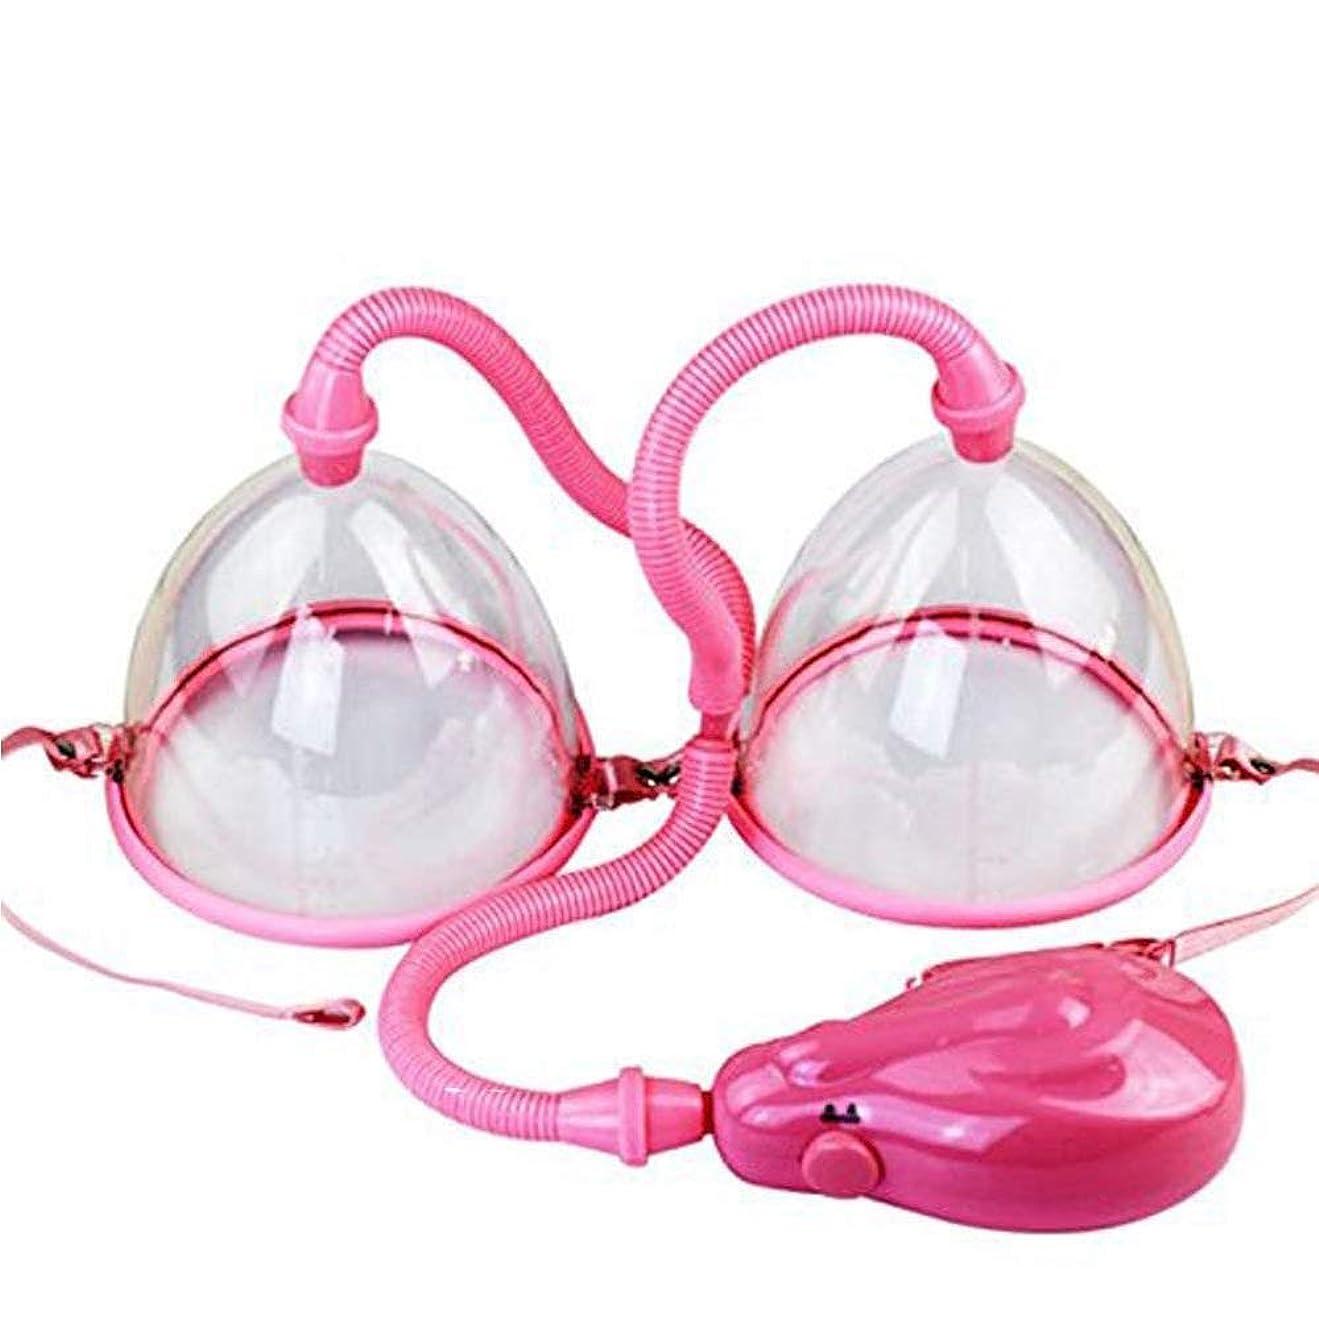 体操選手パーツ鋸歯状電動乳房マッサージバキュームカップ乳房拡大ポンプ乳首吸盤巨乳ベラマストアップ振動ブラジャー拡大強化